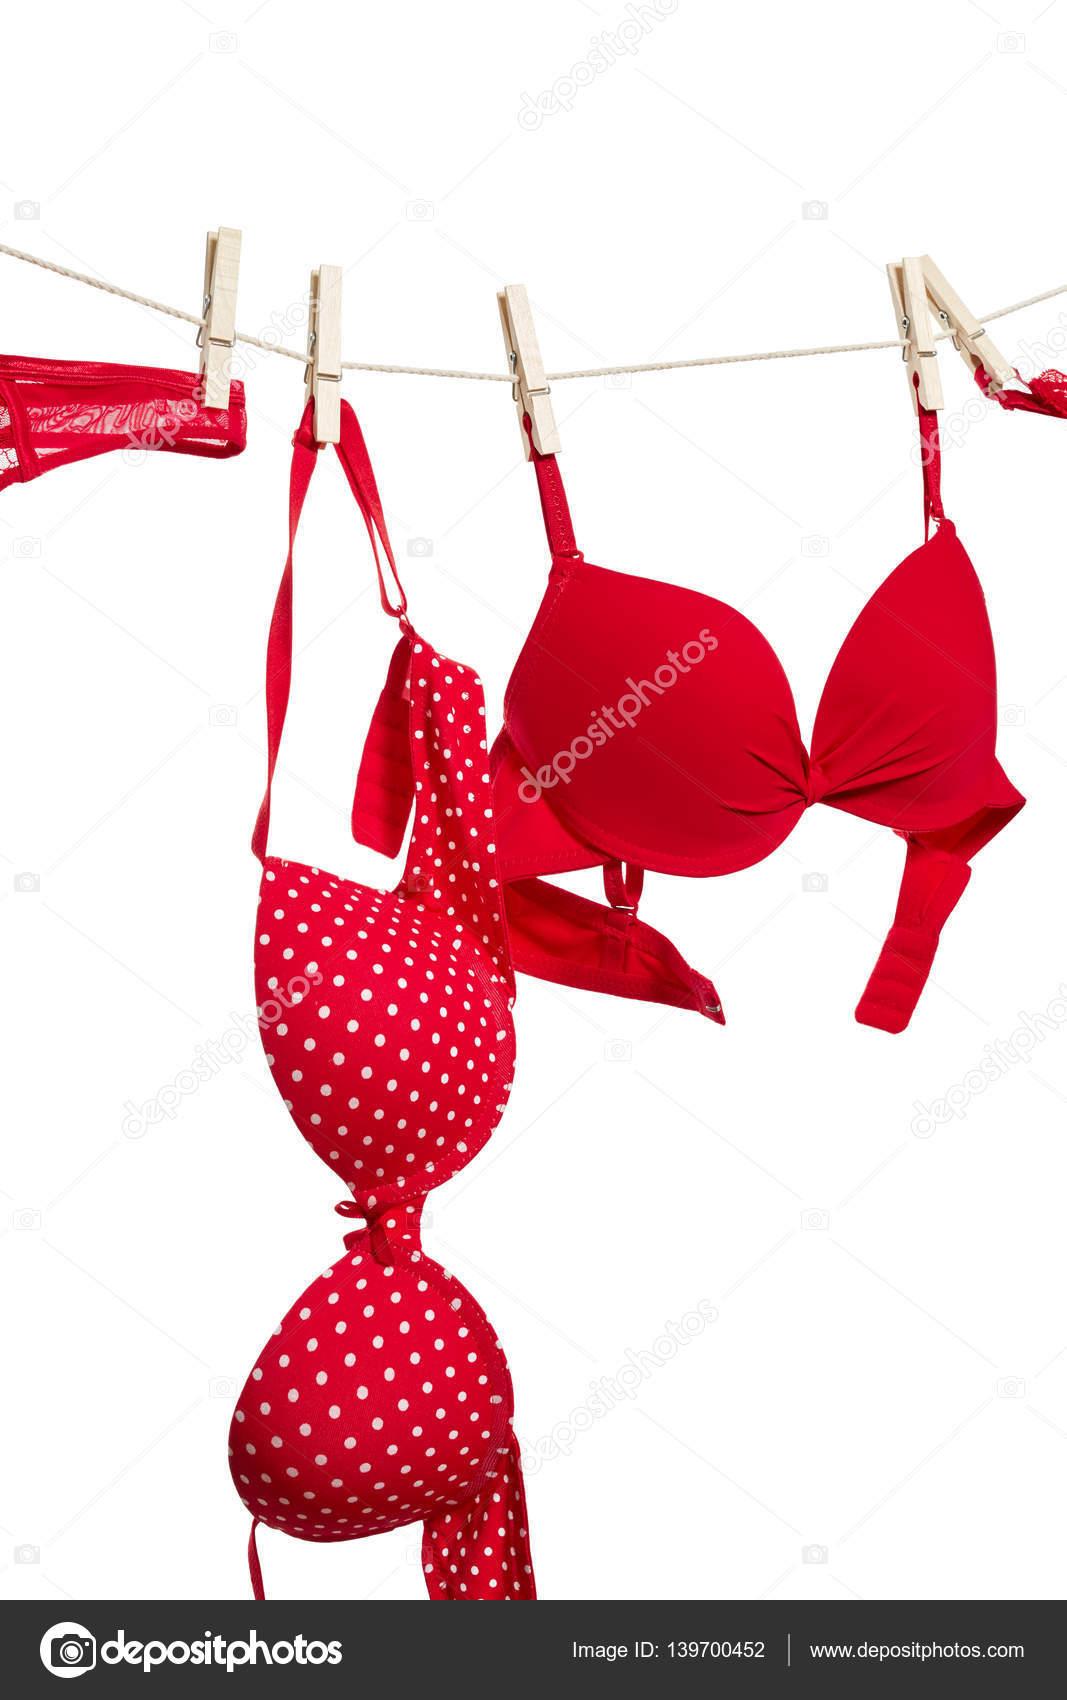 b0de737d2a Ropa interior femenina rojo colgando de la cuerda aislada sobre fondo blanco  - imágenes  ropa interior femenina — Foto de ...